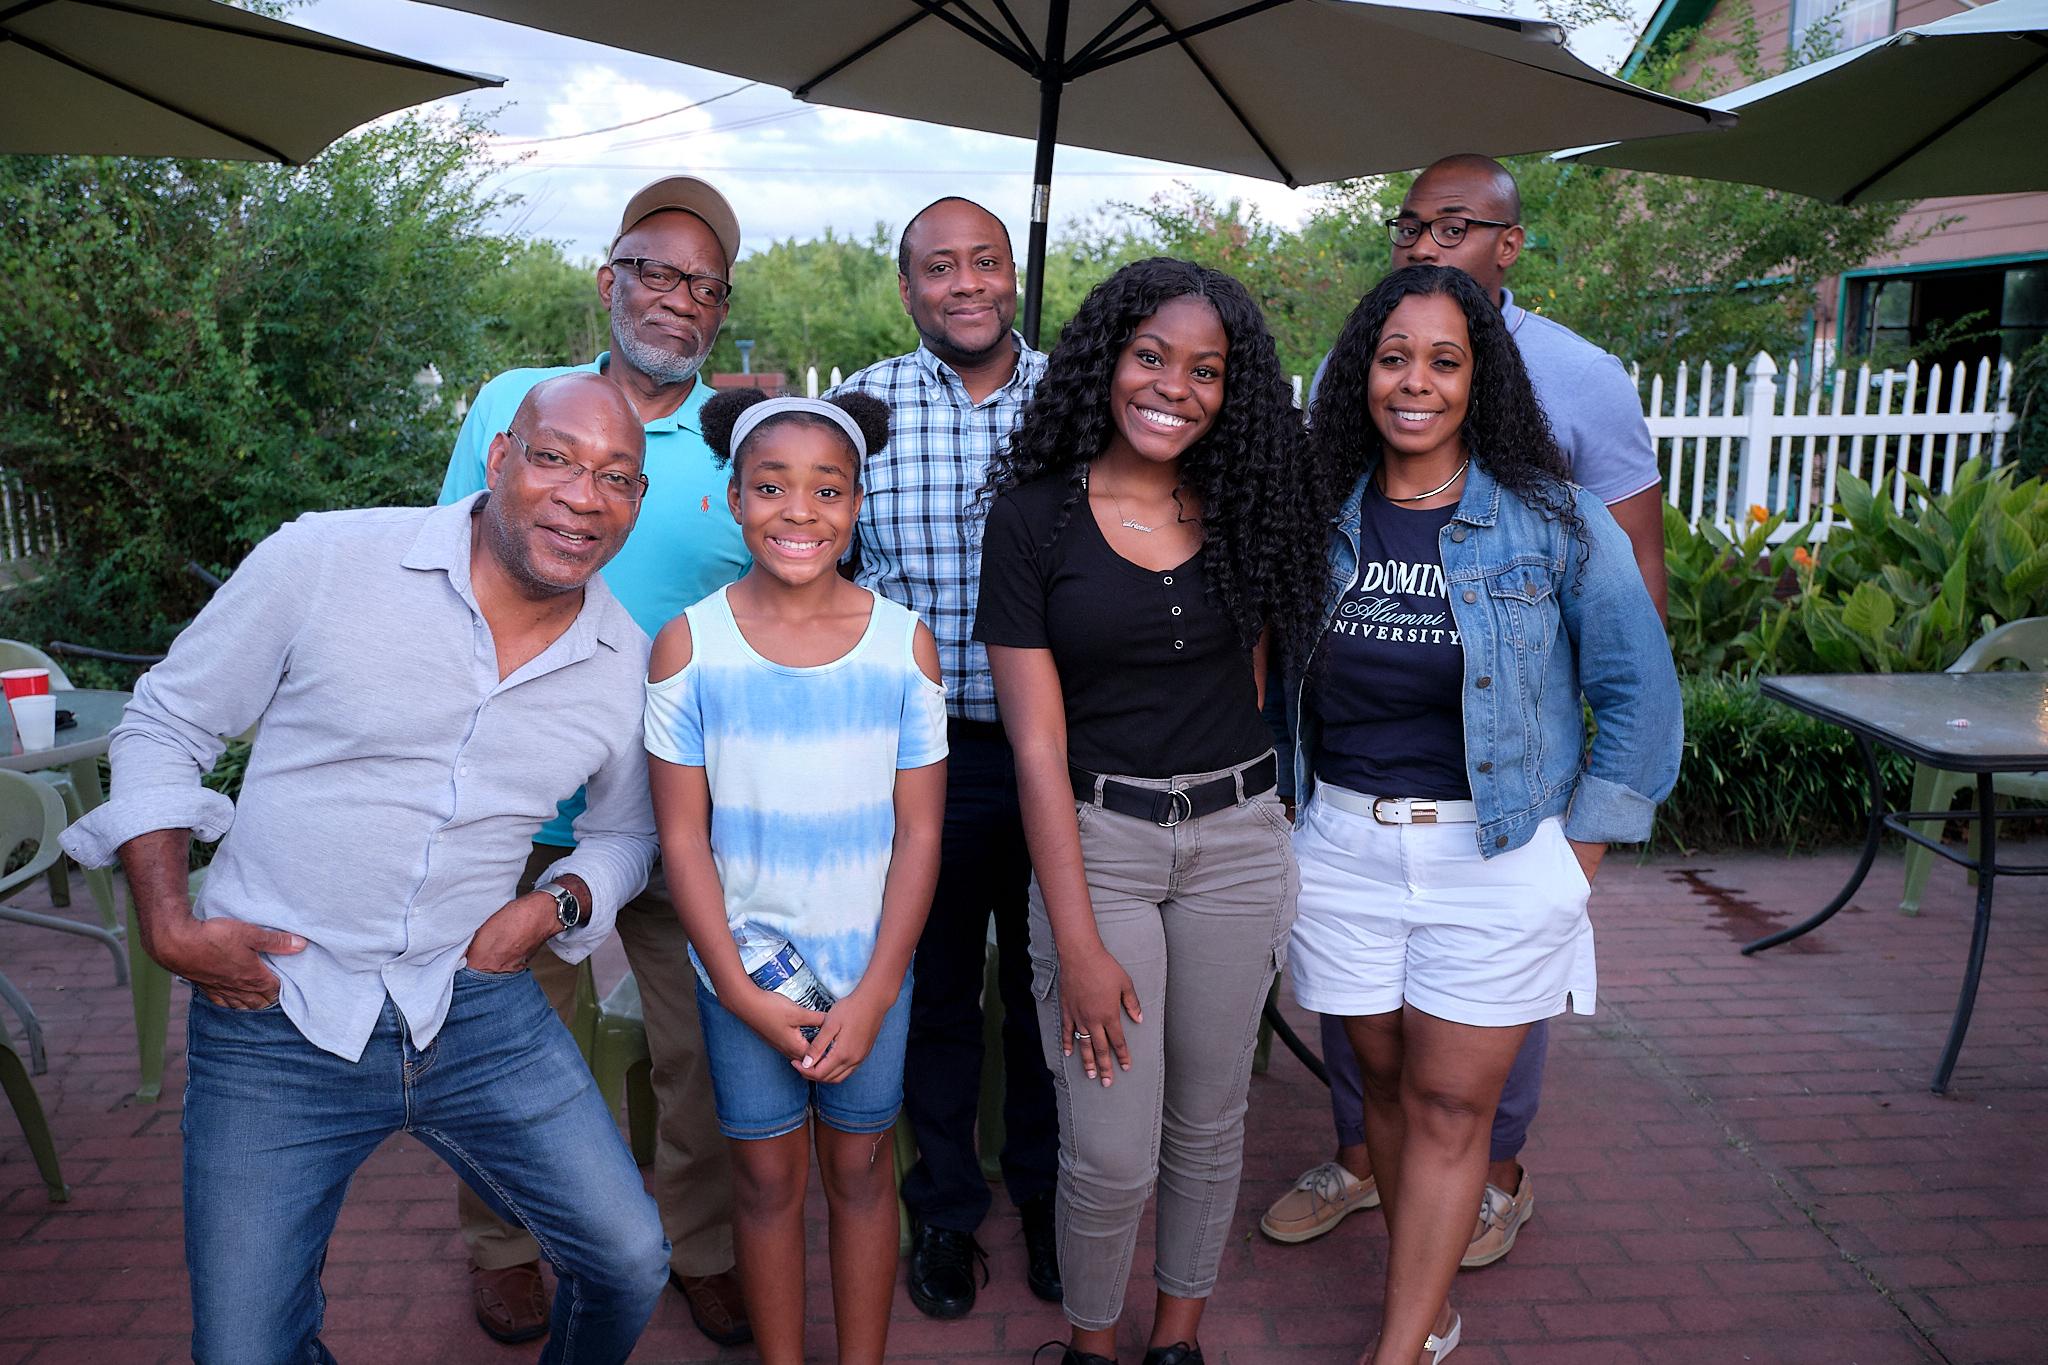 Family_Lifestyle_Photography_Washington_DC_2019_2019-08-03-082.jpg